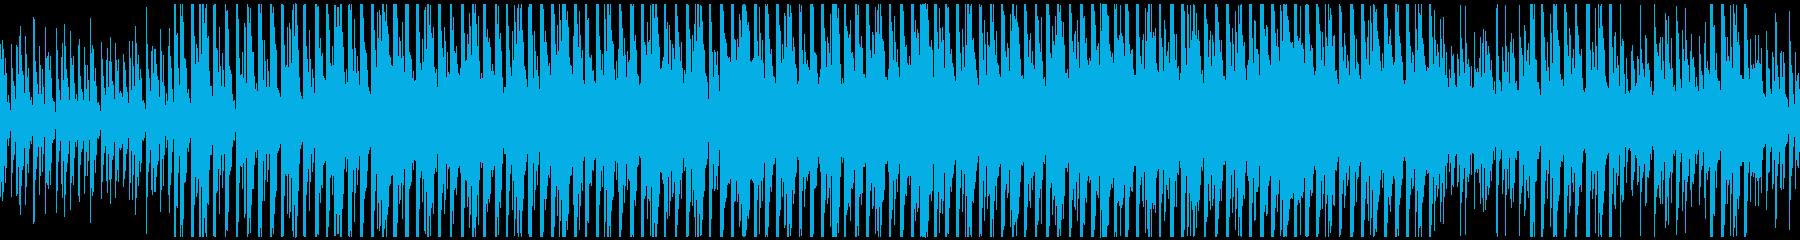 【ループ】チュートリアル/デジタル/未来の再生済みの波形